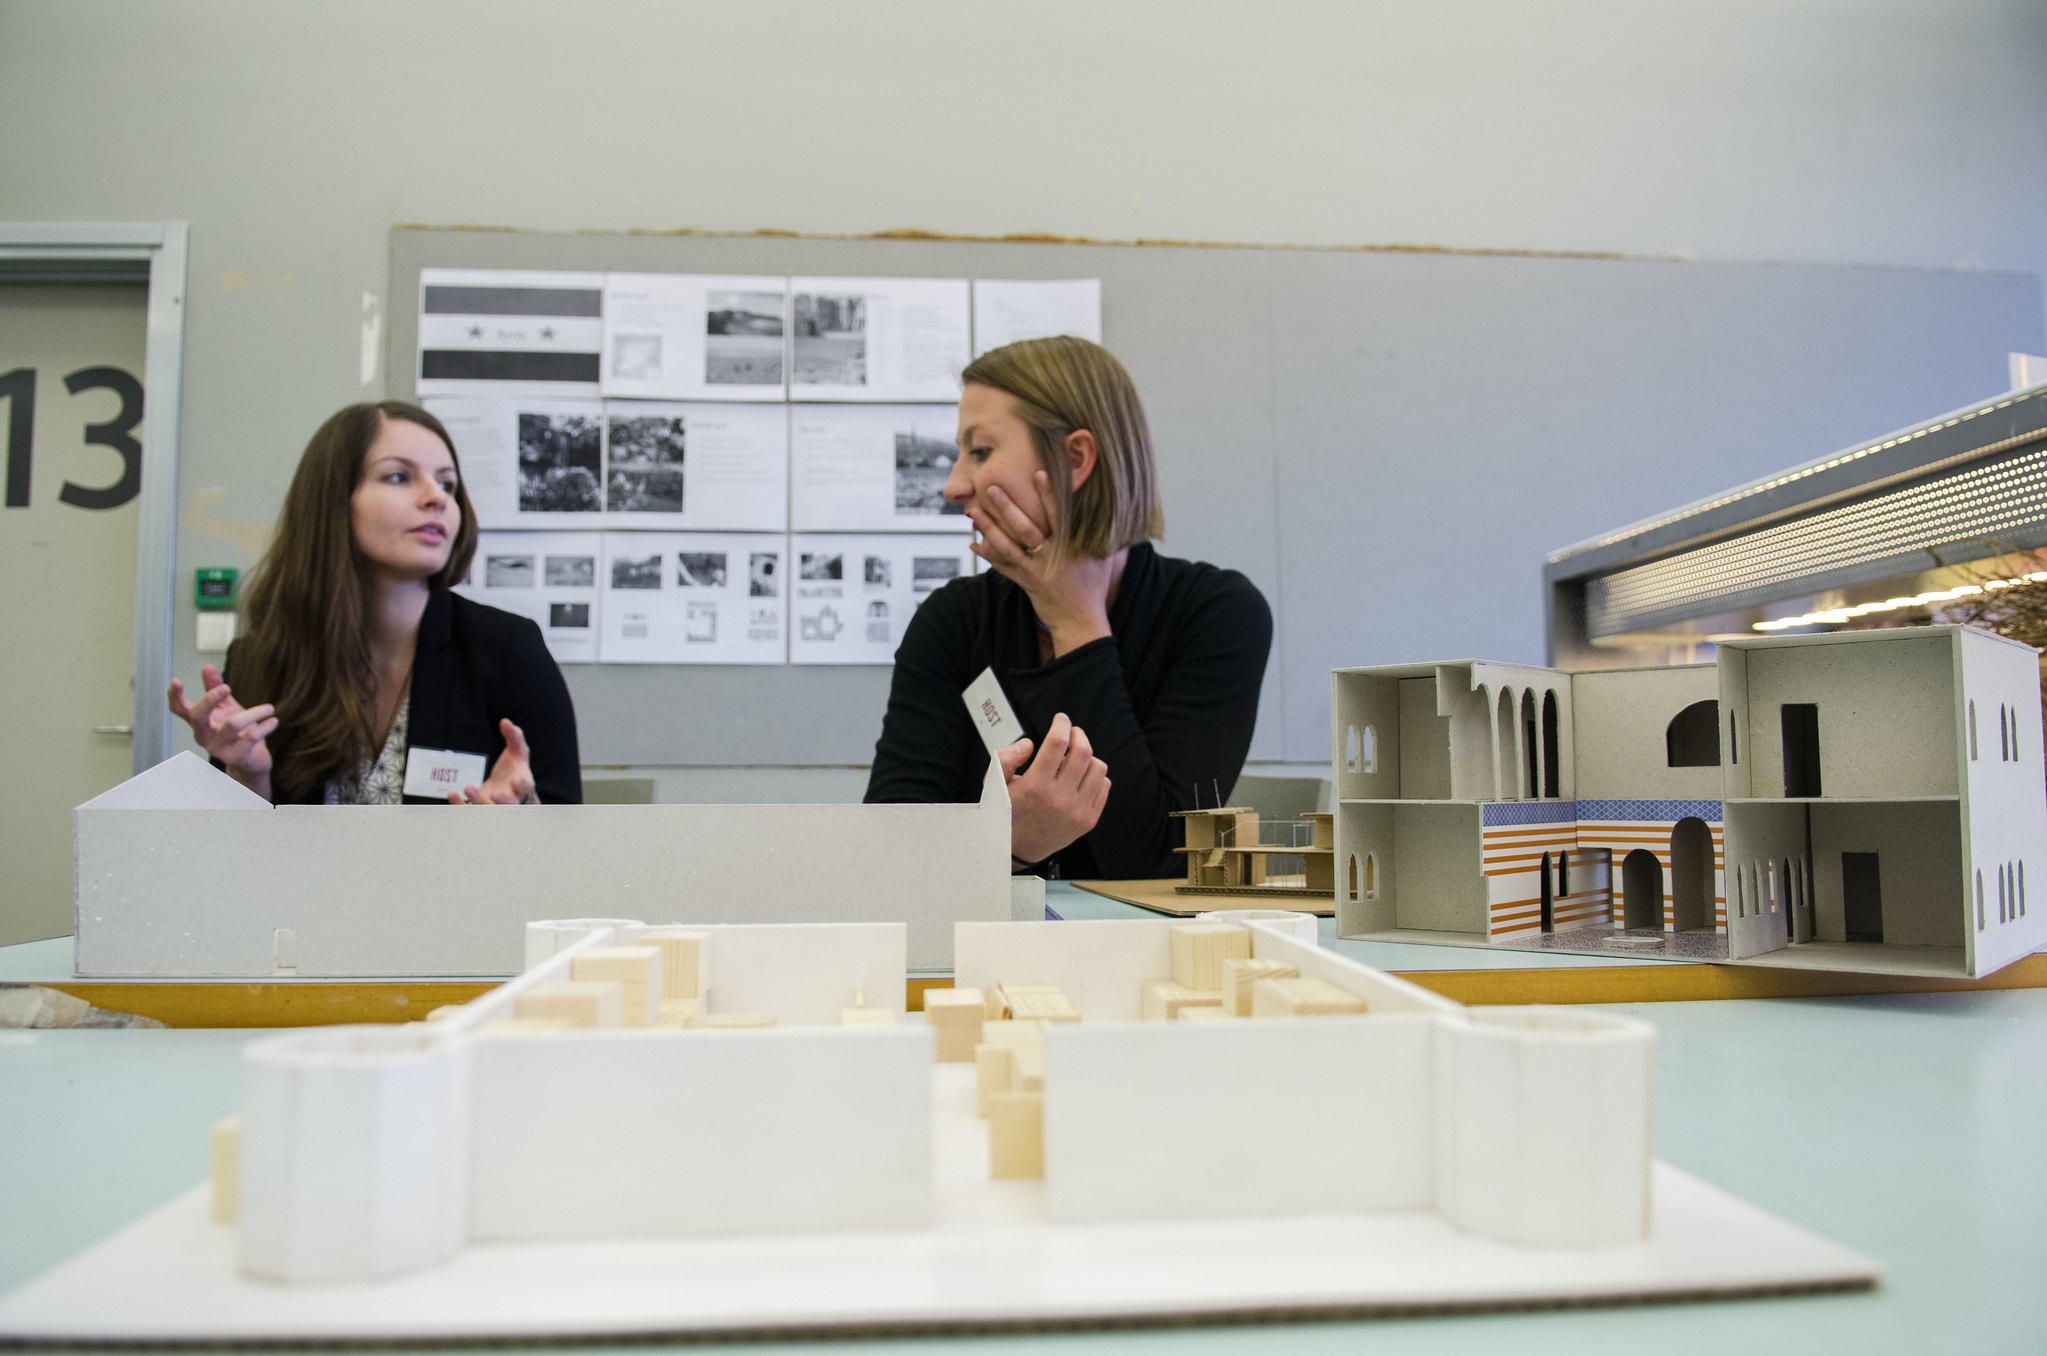 Arkitektstudentane Nadine Schmauser (v) og Eva Birgitte Storrusten har lært mykje om flyktningar dette semesteret